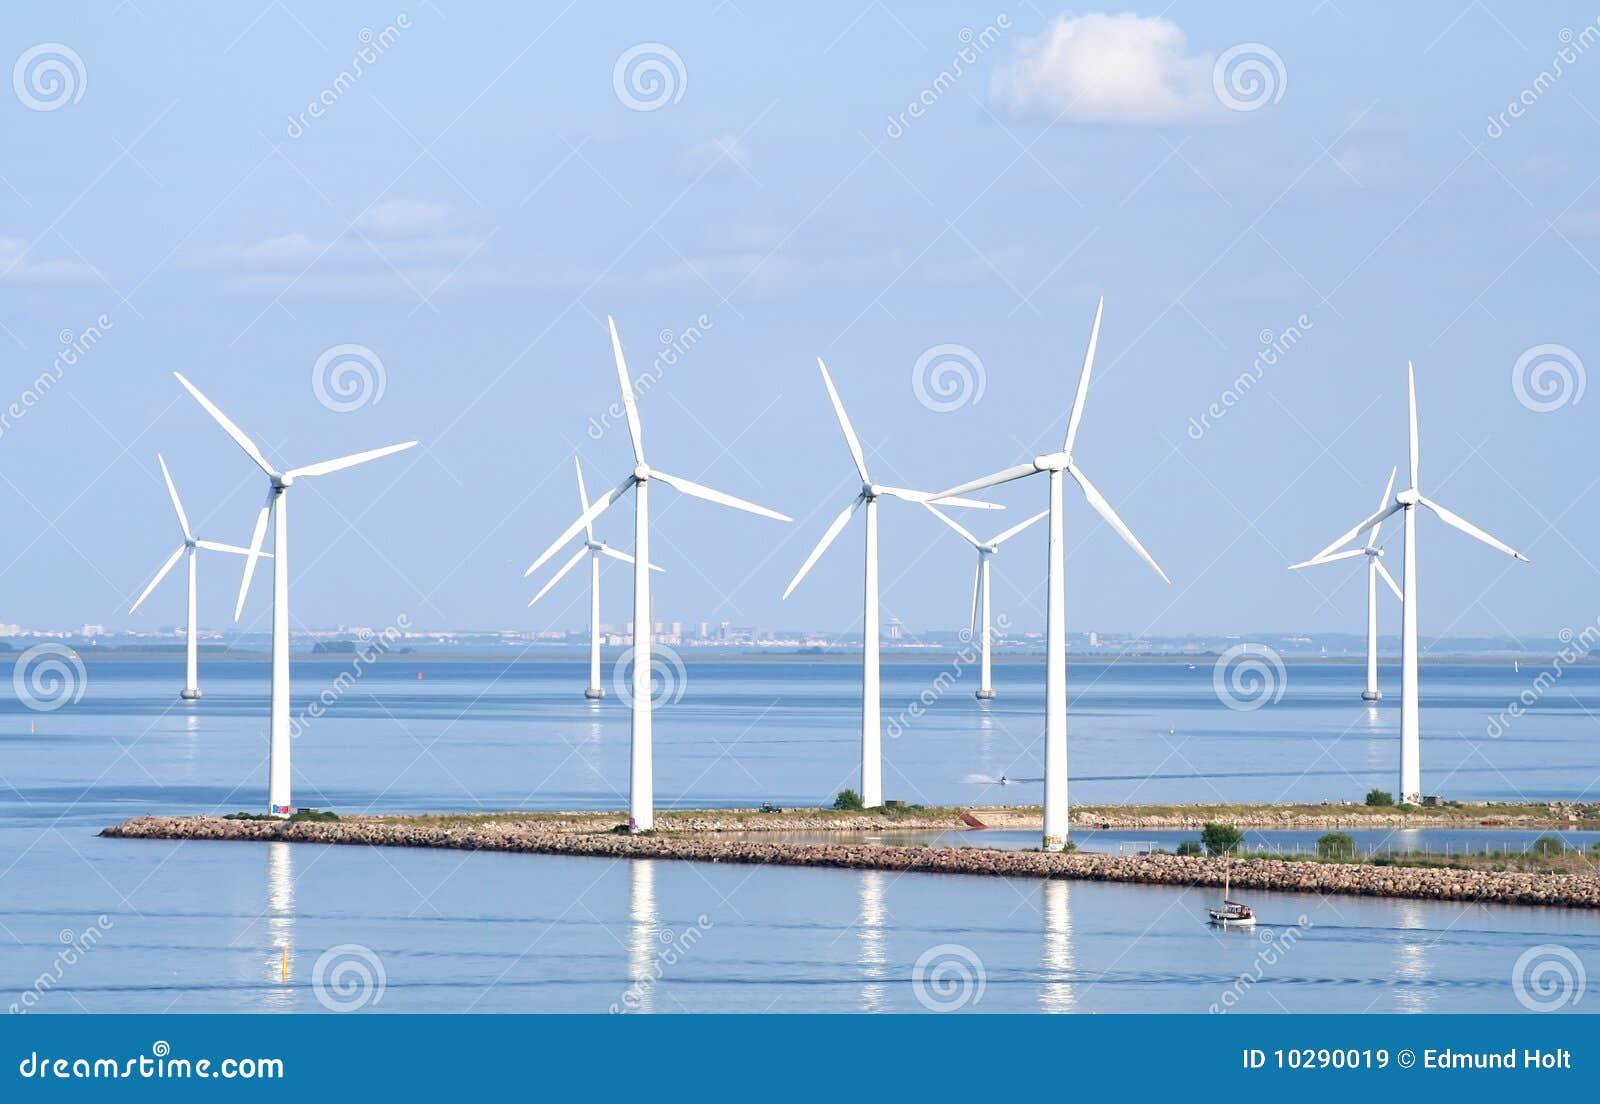 Gospodarstwo rolne nabrzeżny wiatr